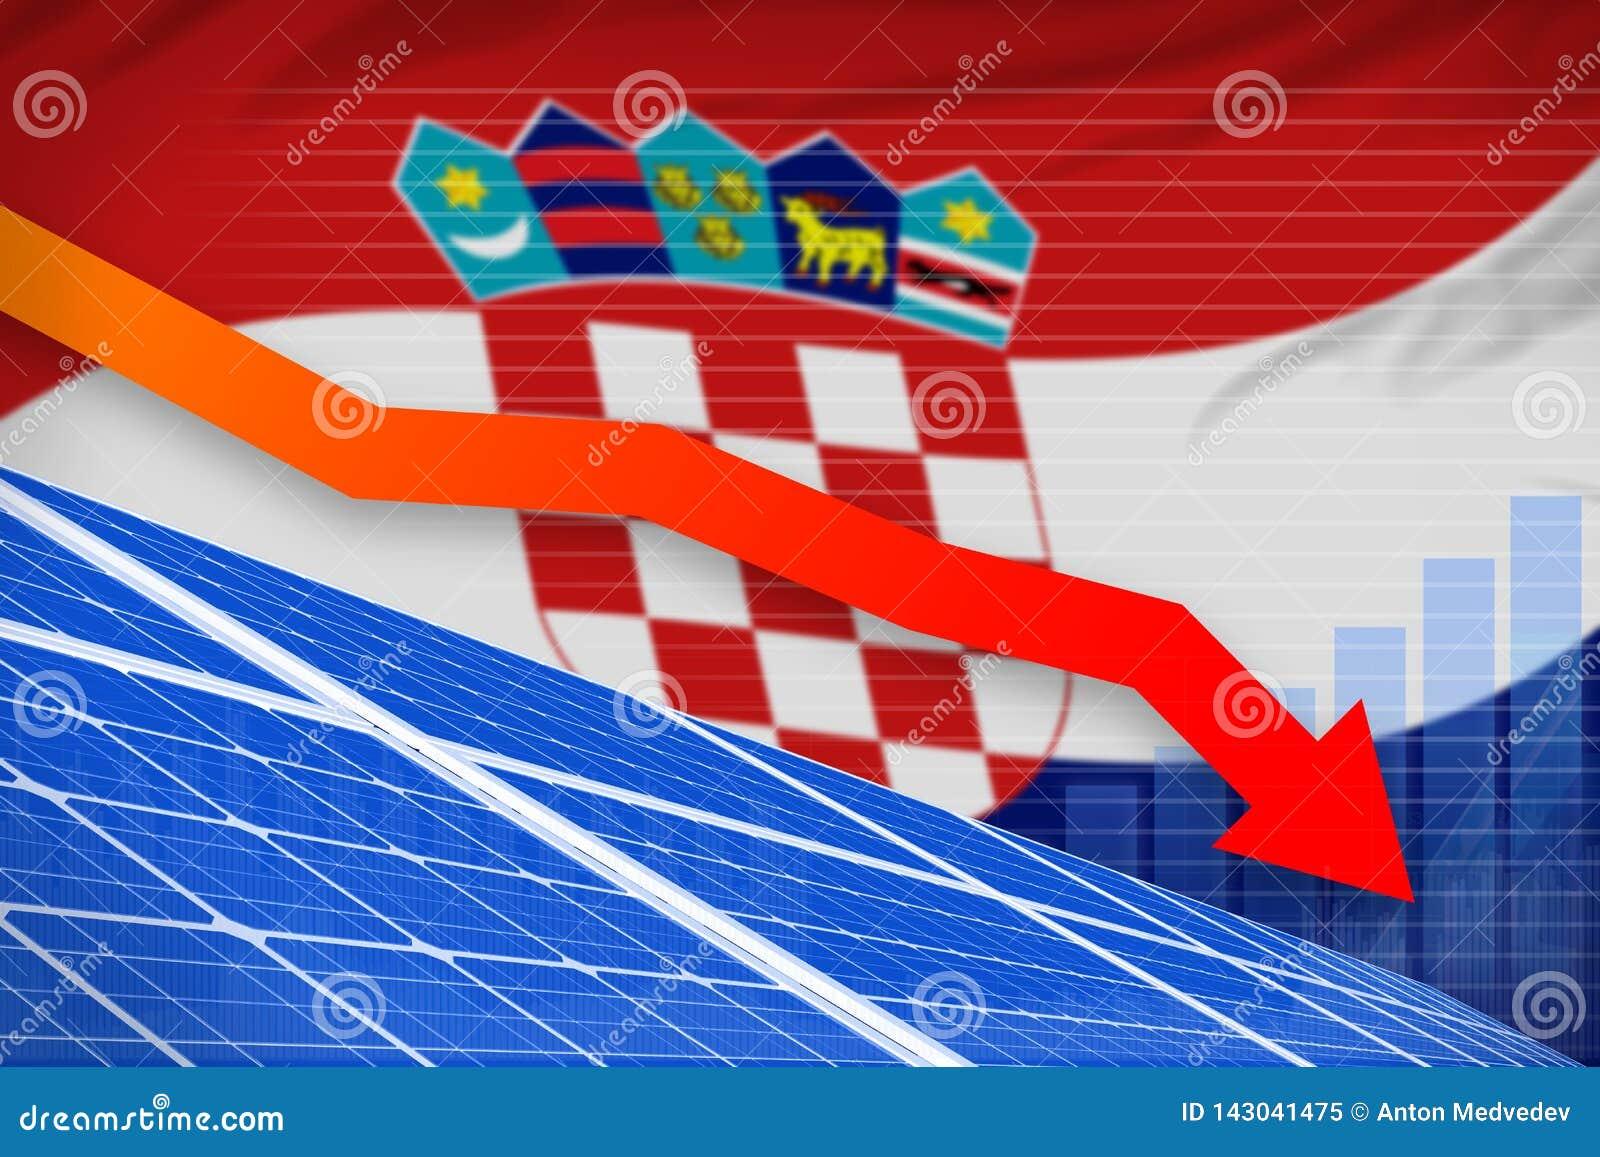 De zonne-energiemacht die van Kroatië grafiek, pijl verlagen - moderne natuurlijke energie industriële illustratie 3D Illustratie